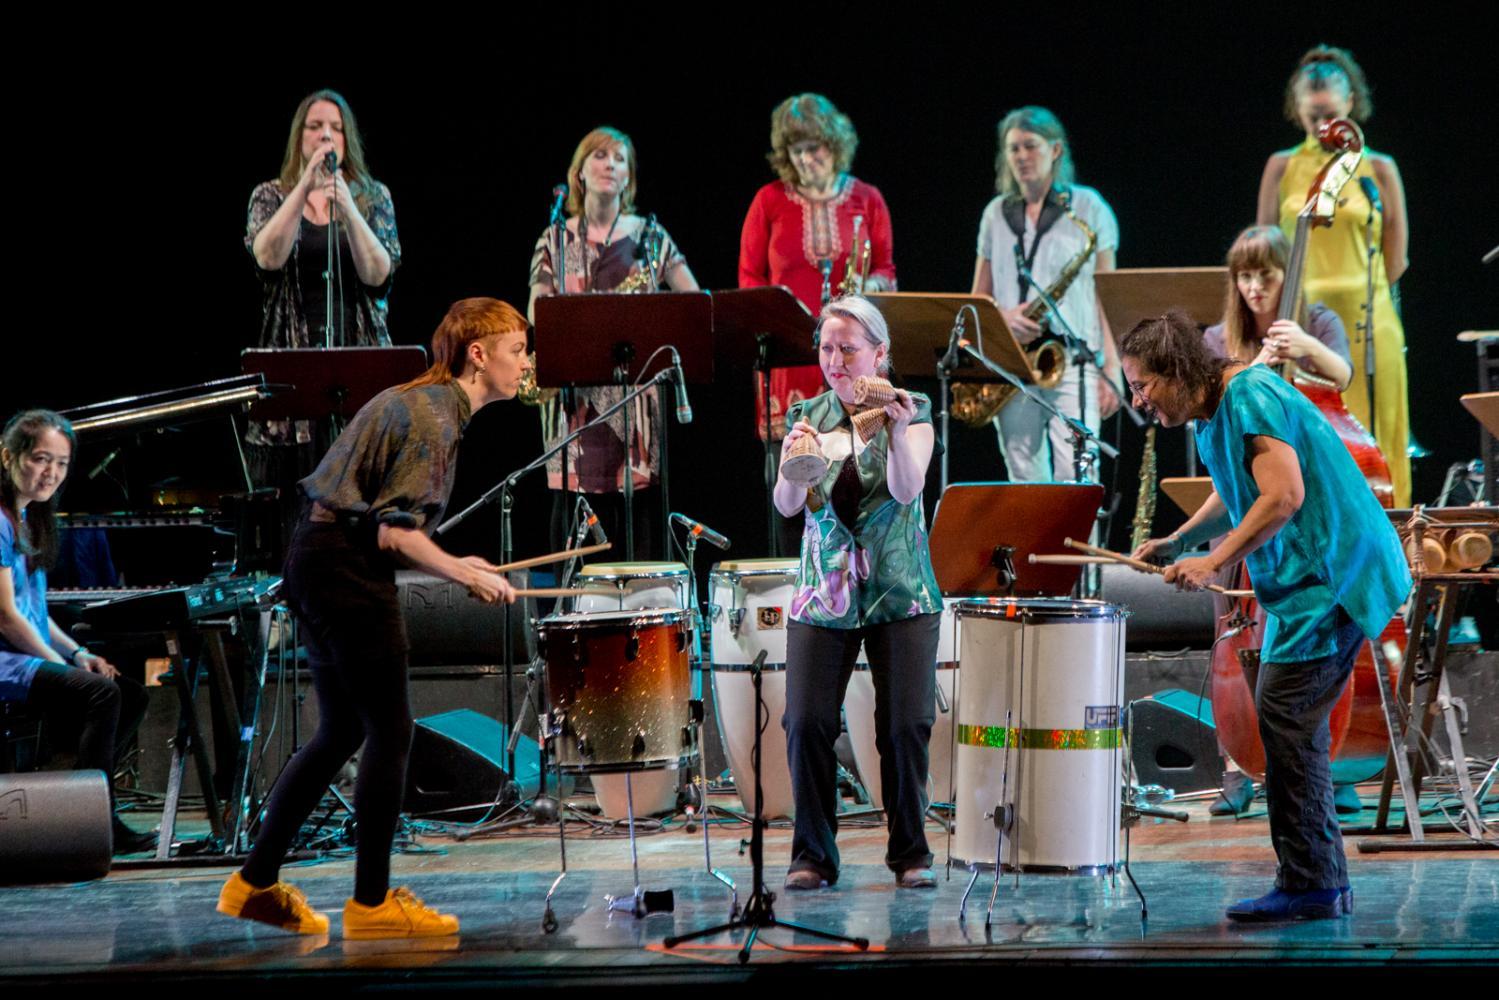 Marilyn Mazur's Shamania at Bergamo Jazz 2017